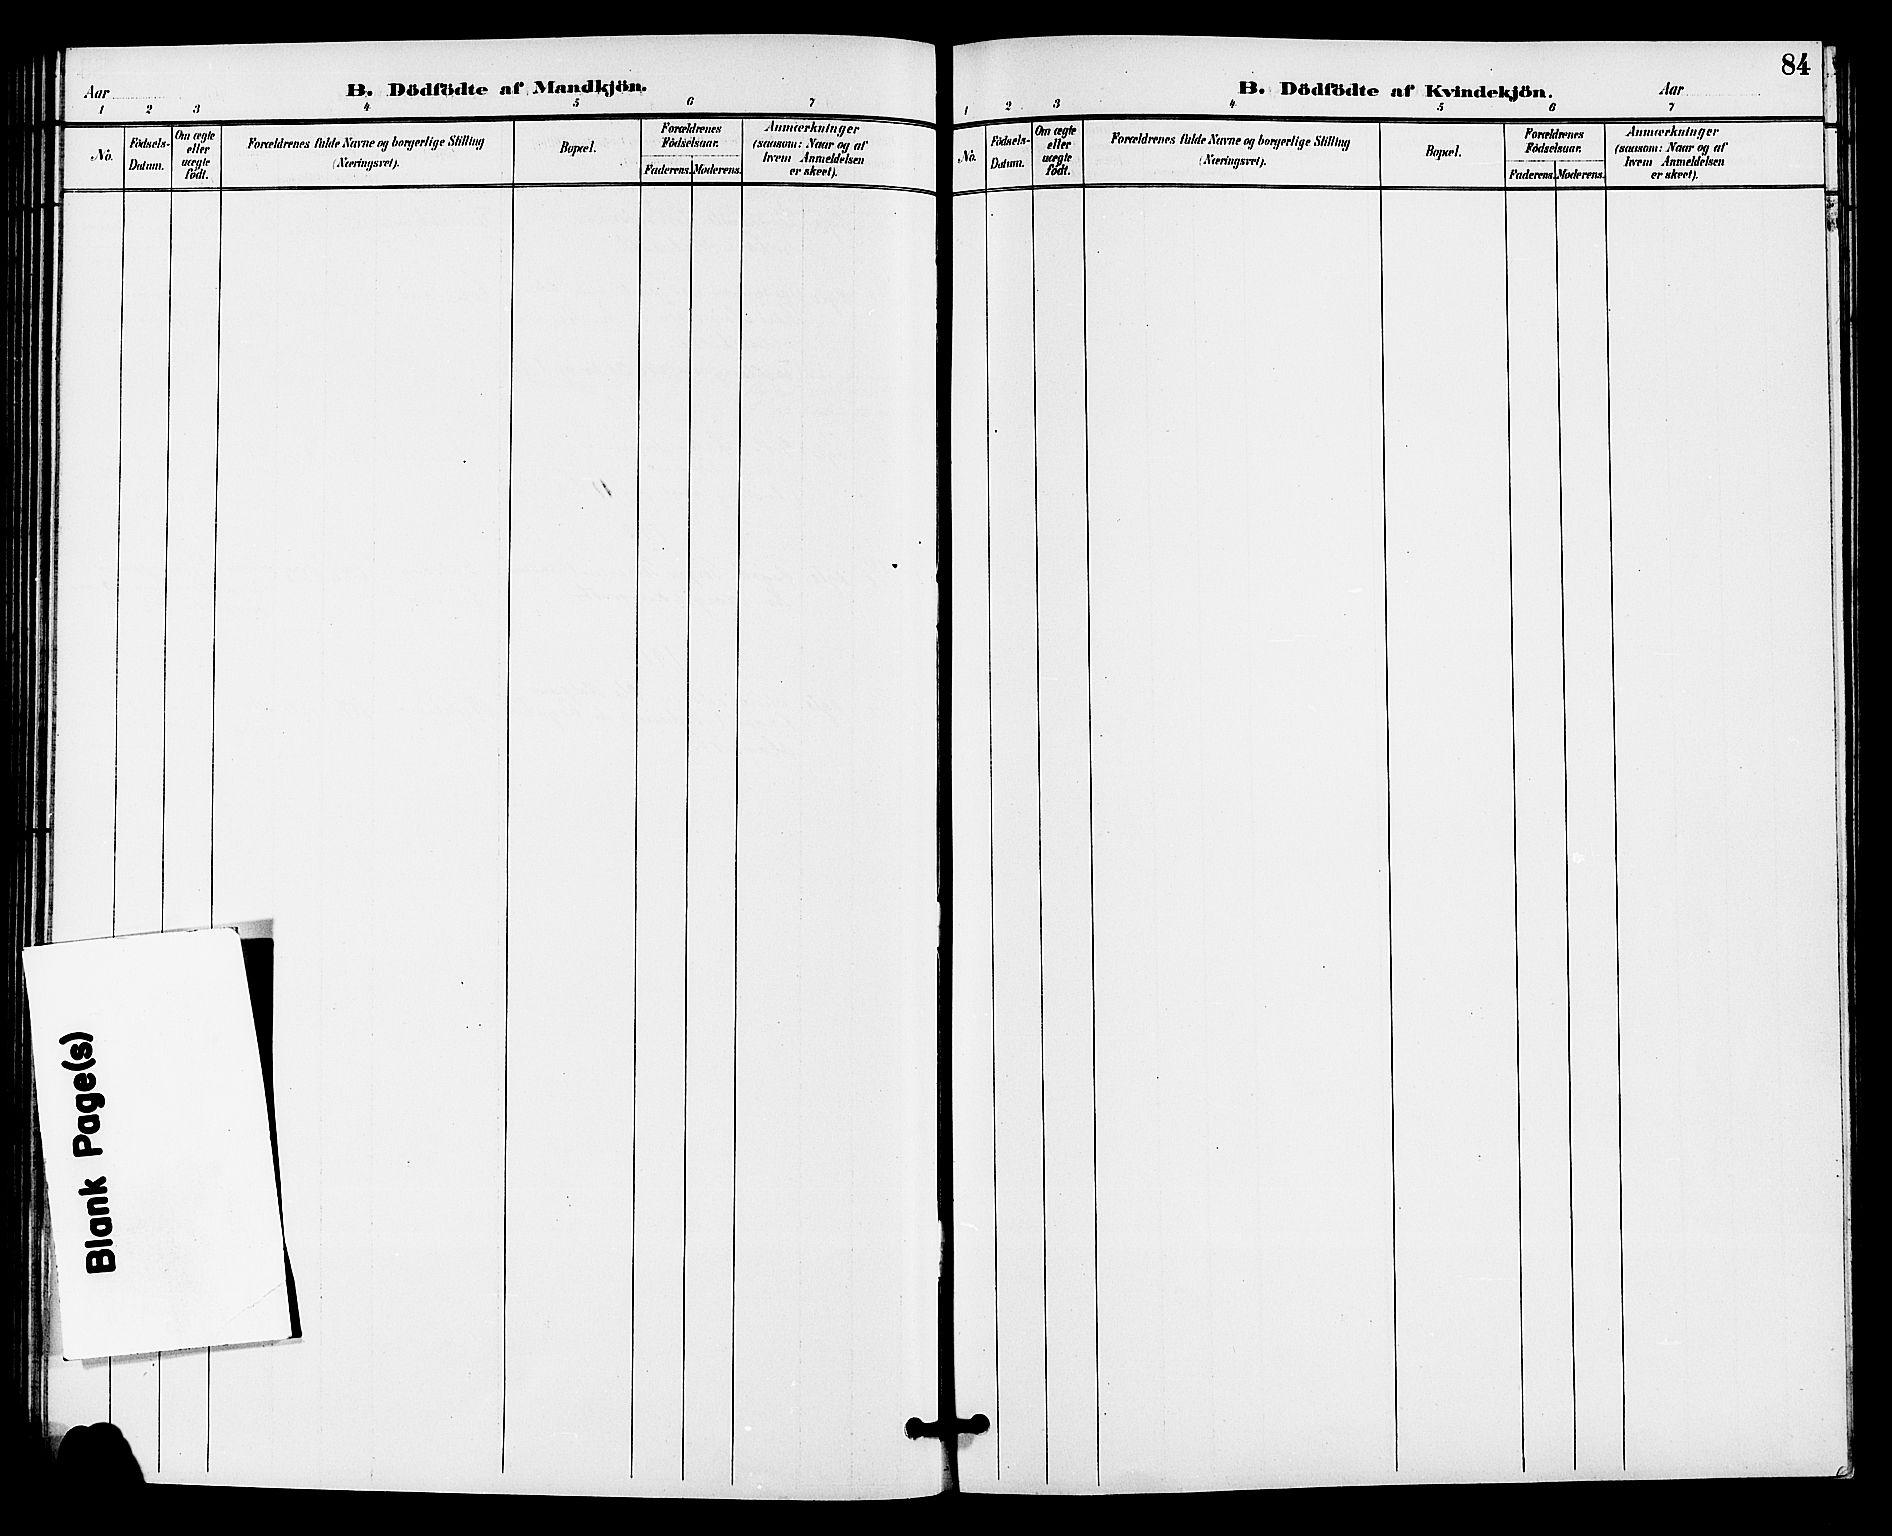 SAKO, Gransherad kirkebøker, G/Ga/L0003: Klokkerbok nr. I 3, 1887-1915, s. 84